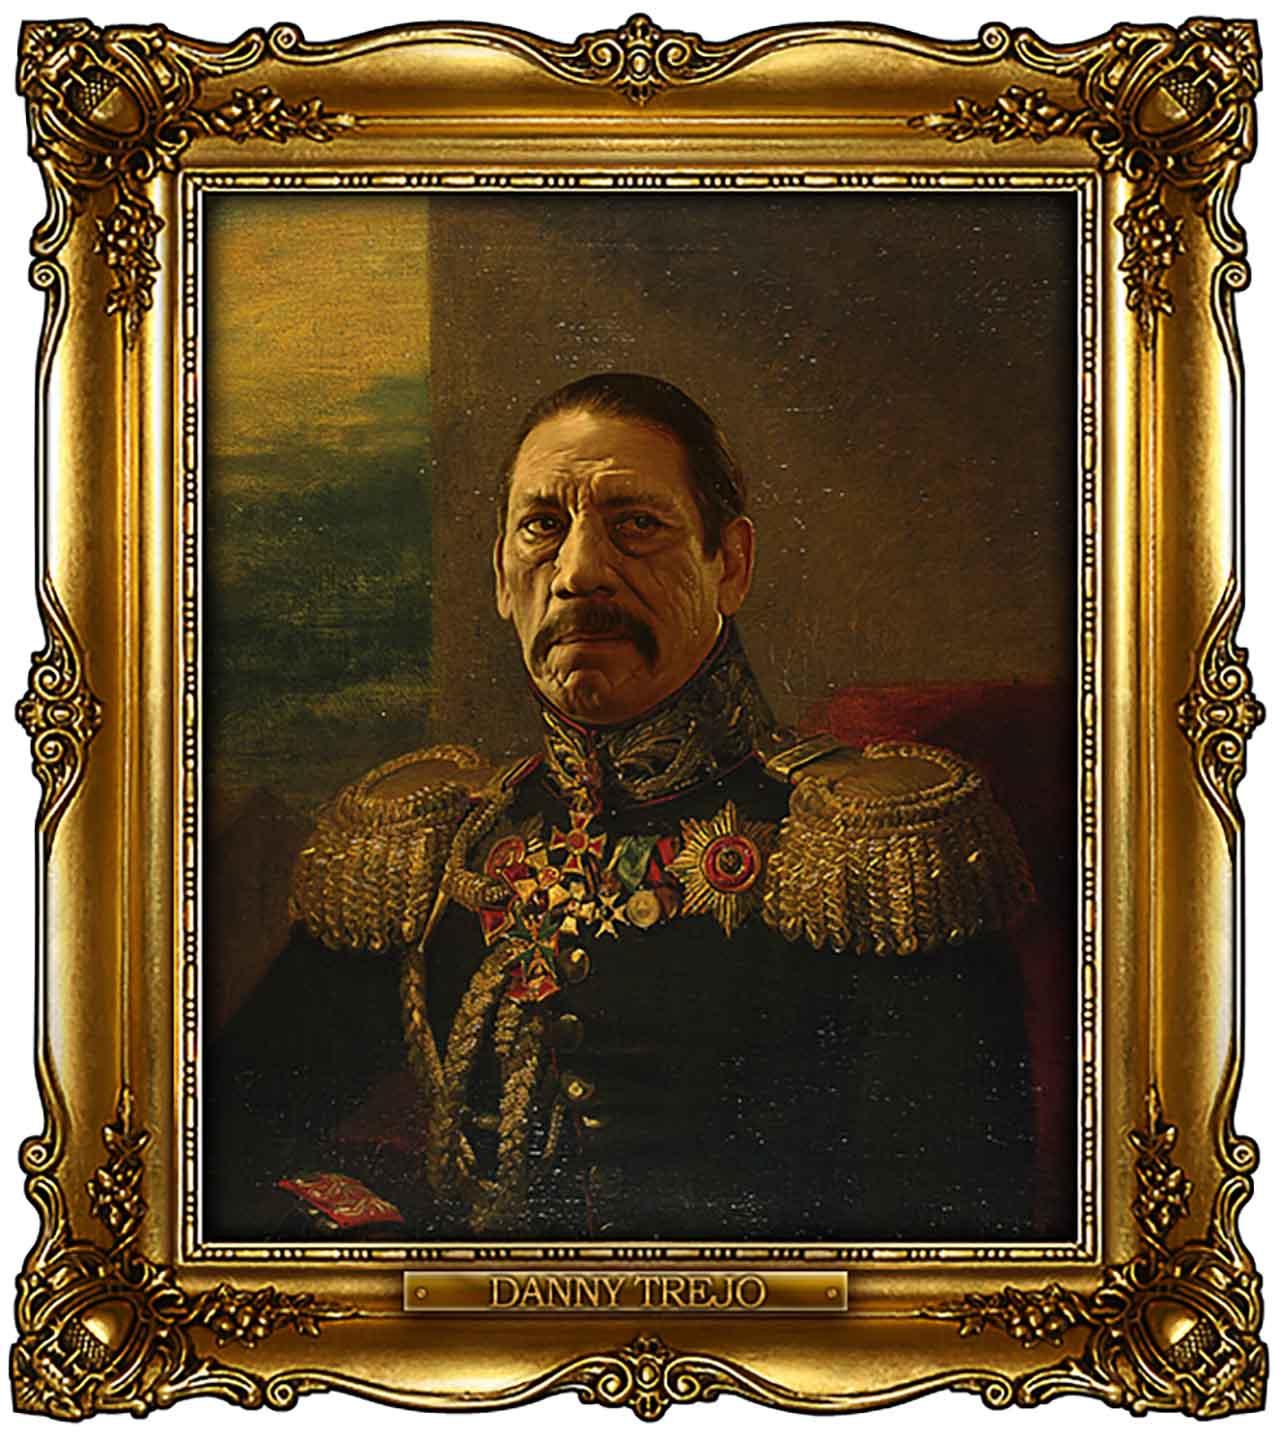 Artist Turns Famous Actors Into Russian Generals - Danny Trejo